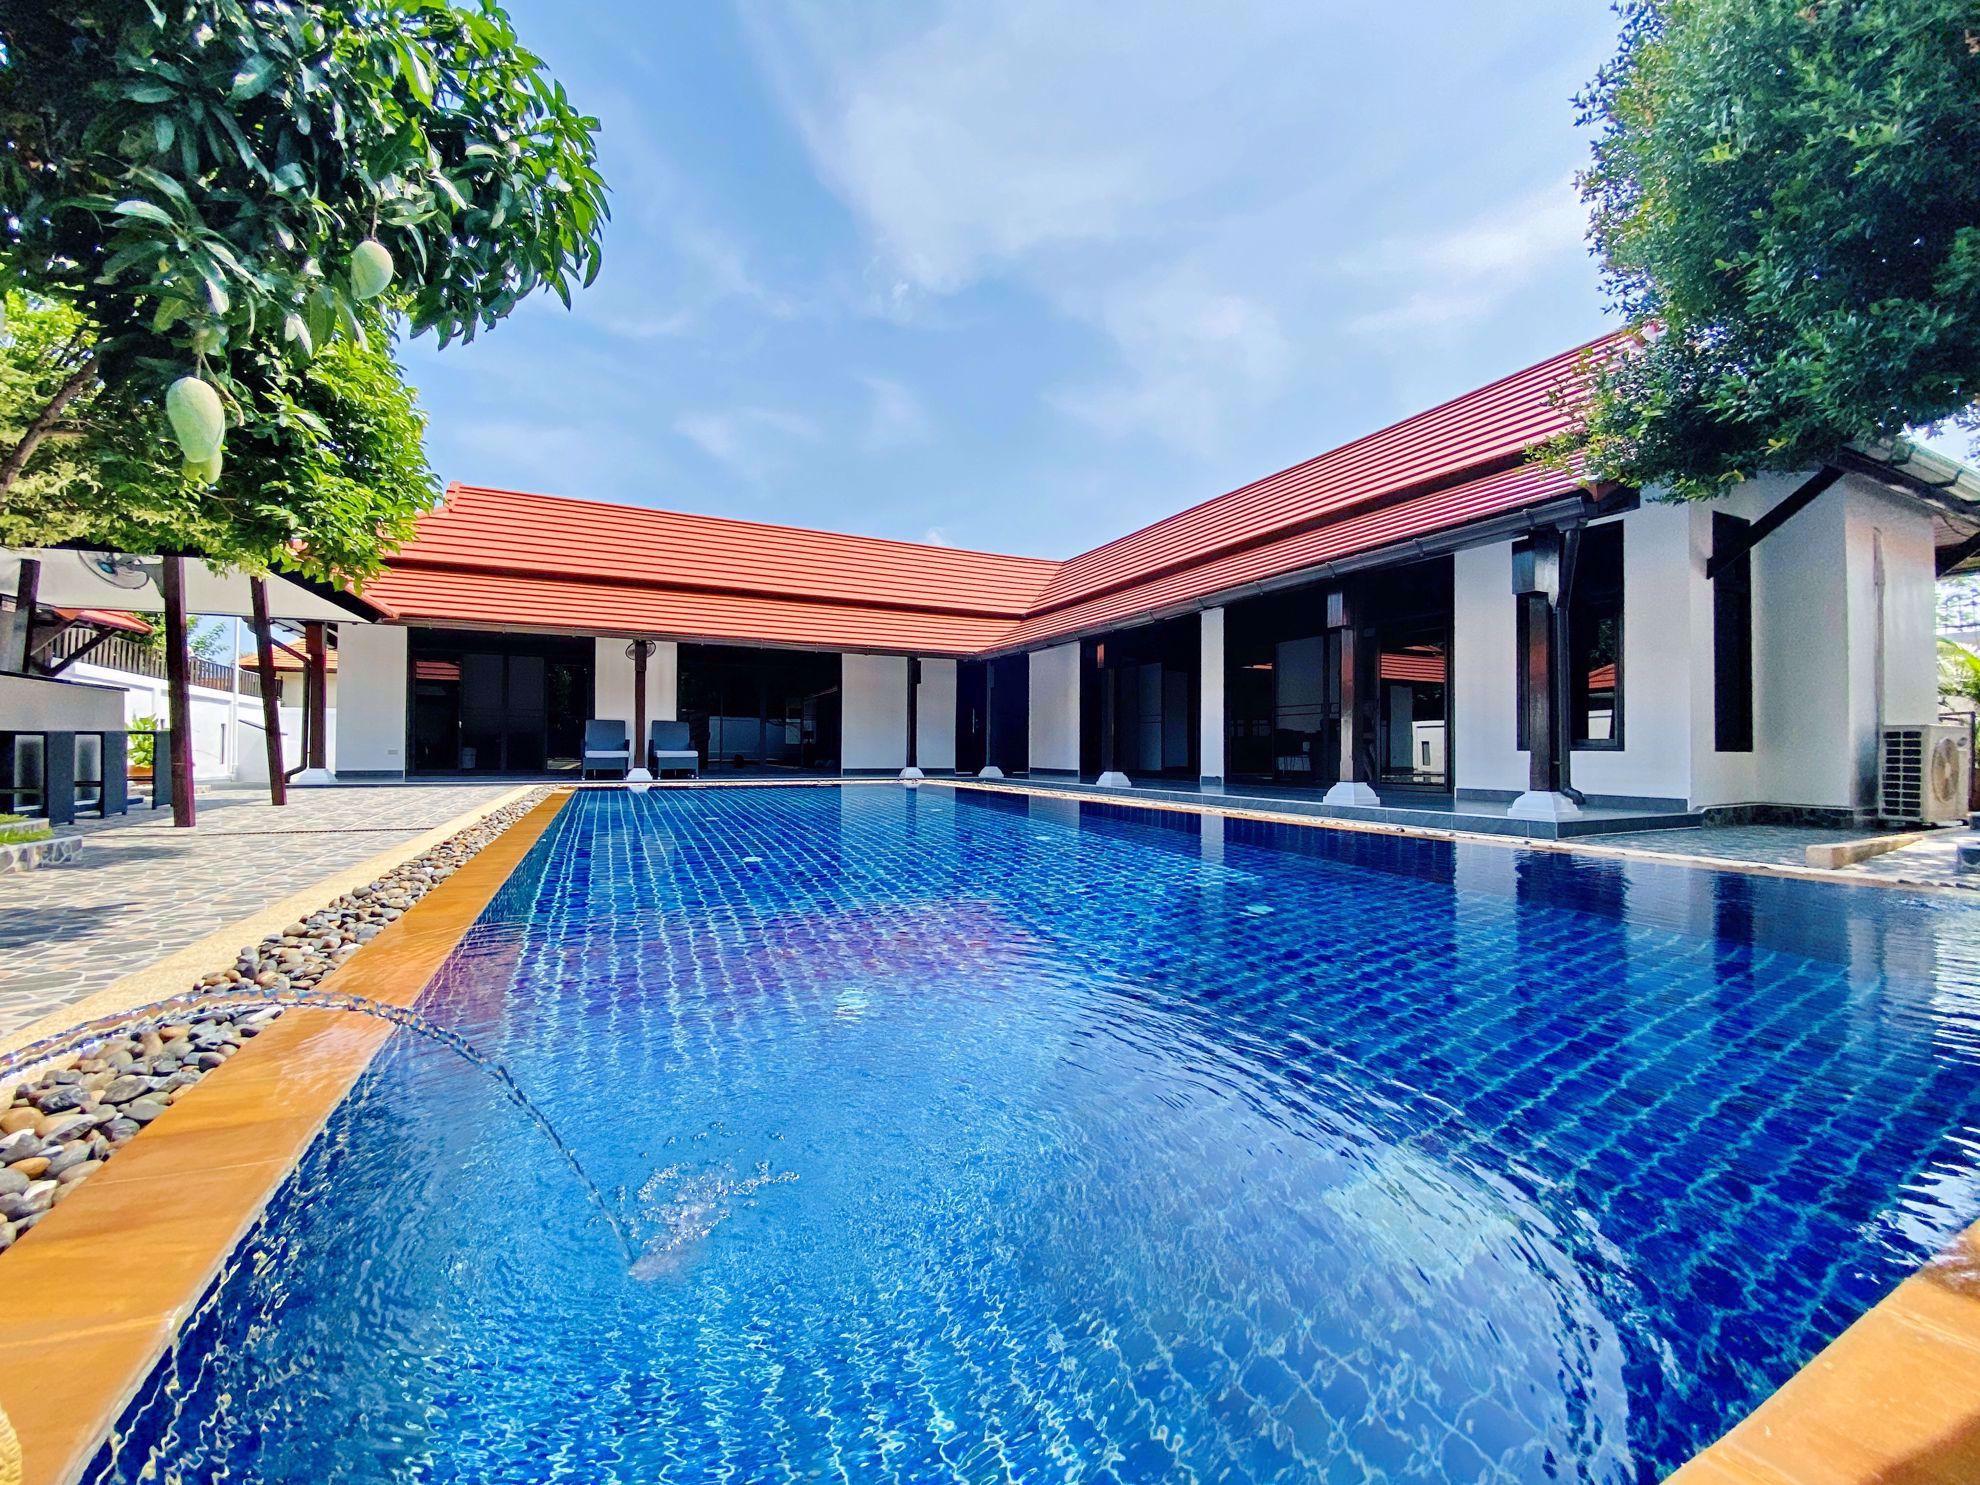 图片 3 Bedrooms bed in House in Siam Lake View in East Pattaya H009209